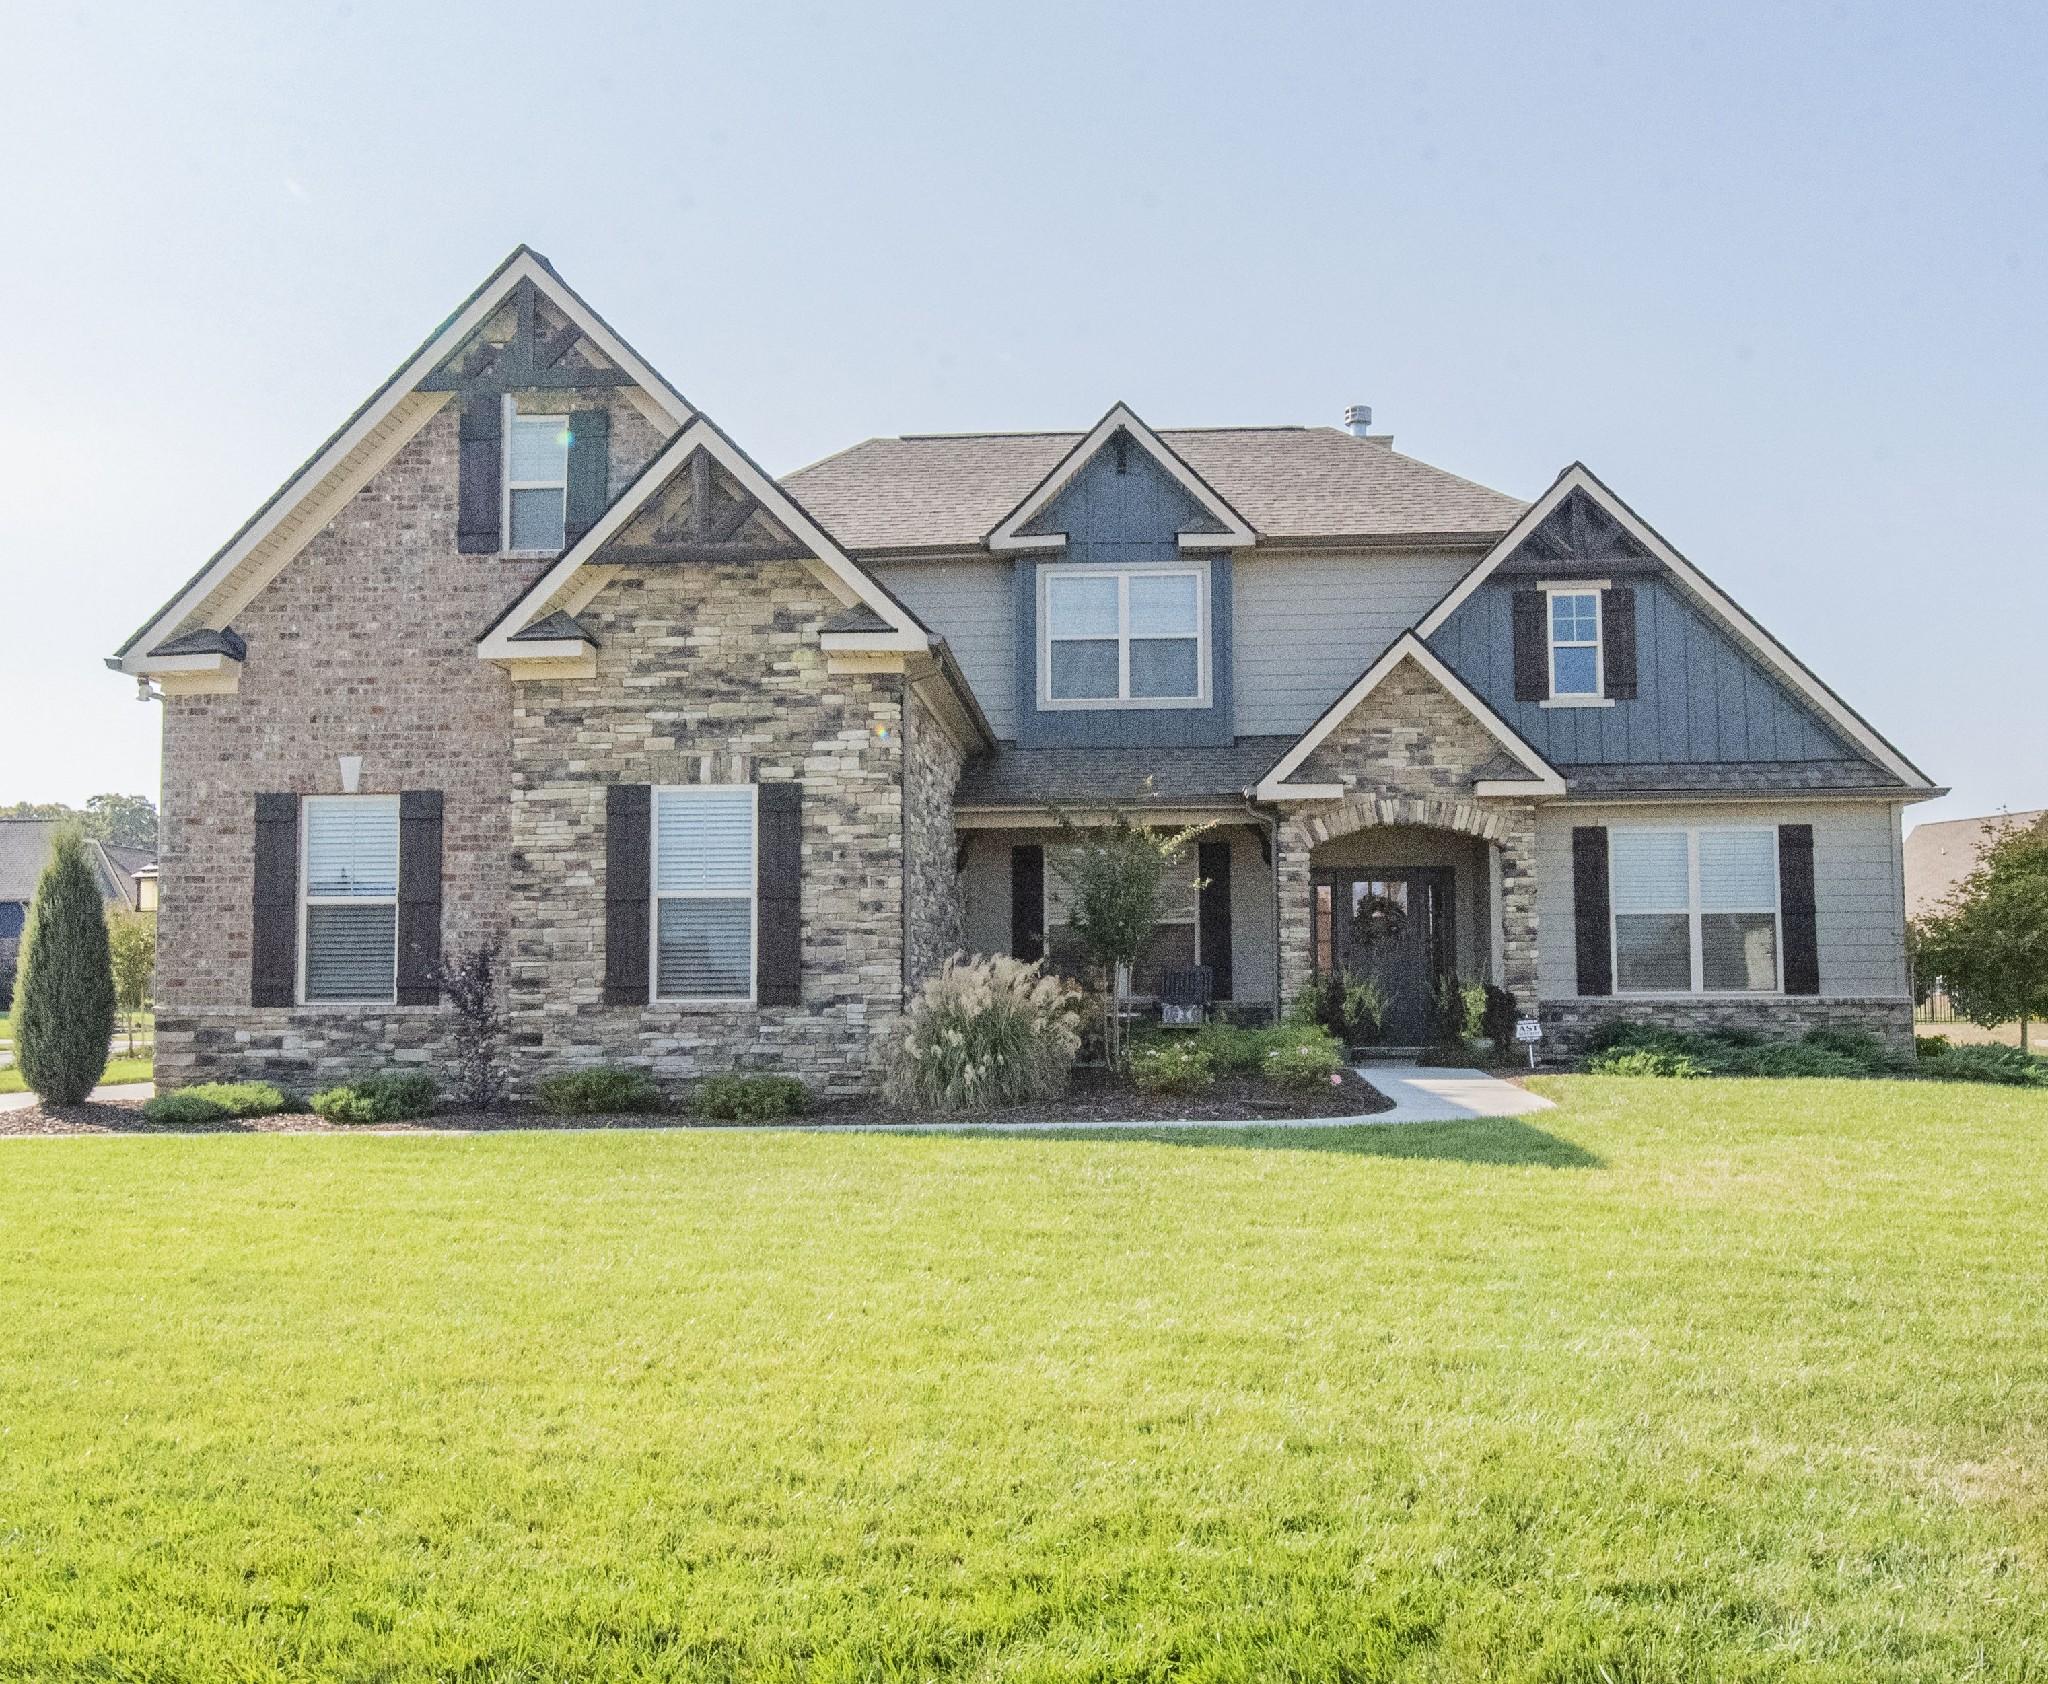 1203 Pleasant Colony Ct, Murfreesboro, TN 37129 - Murfreesboro, TN real estate listing